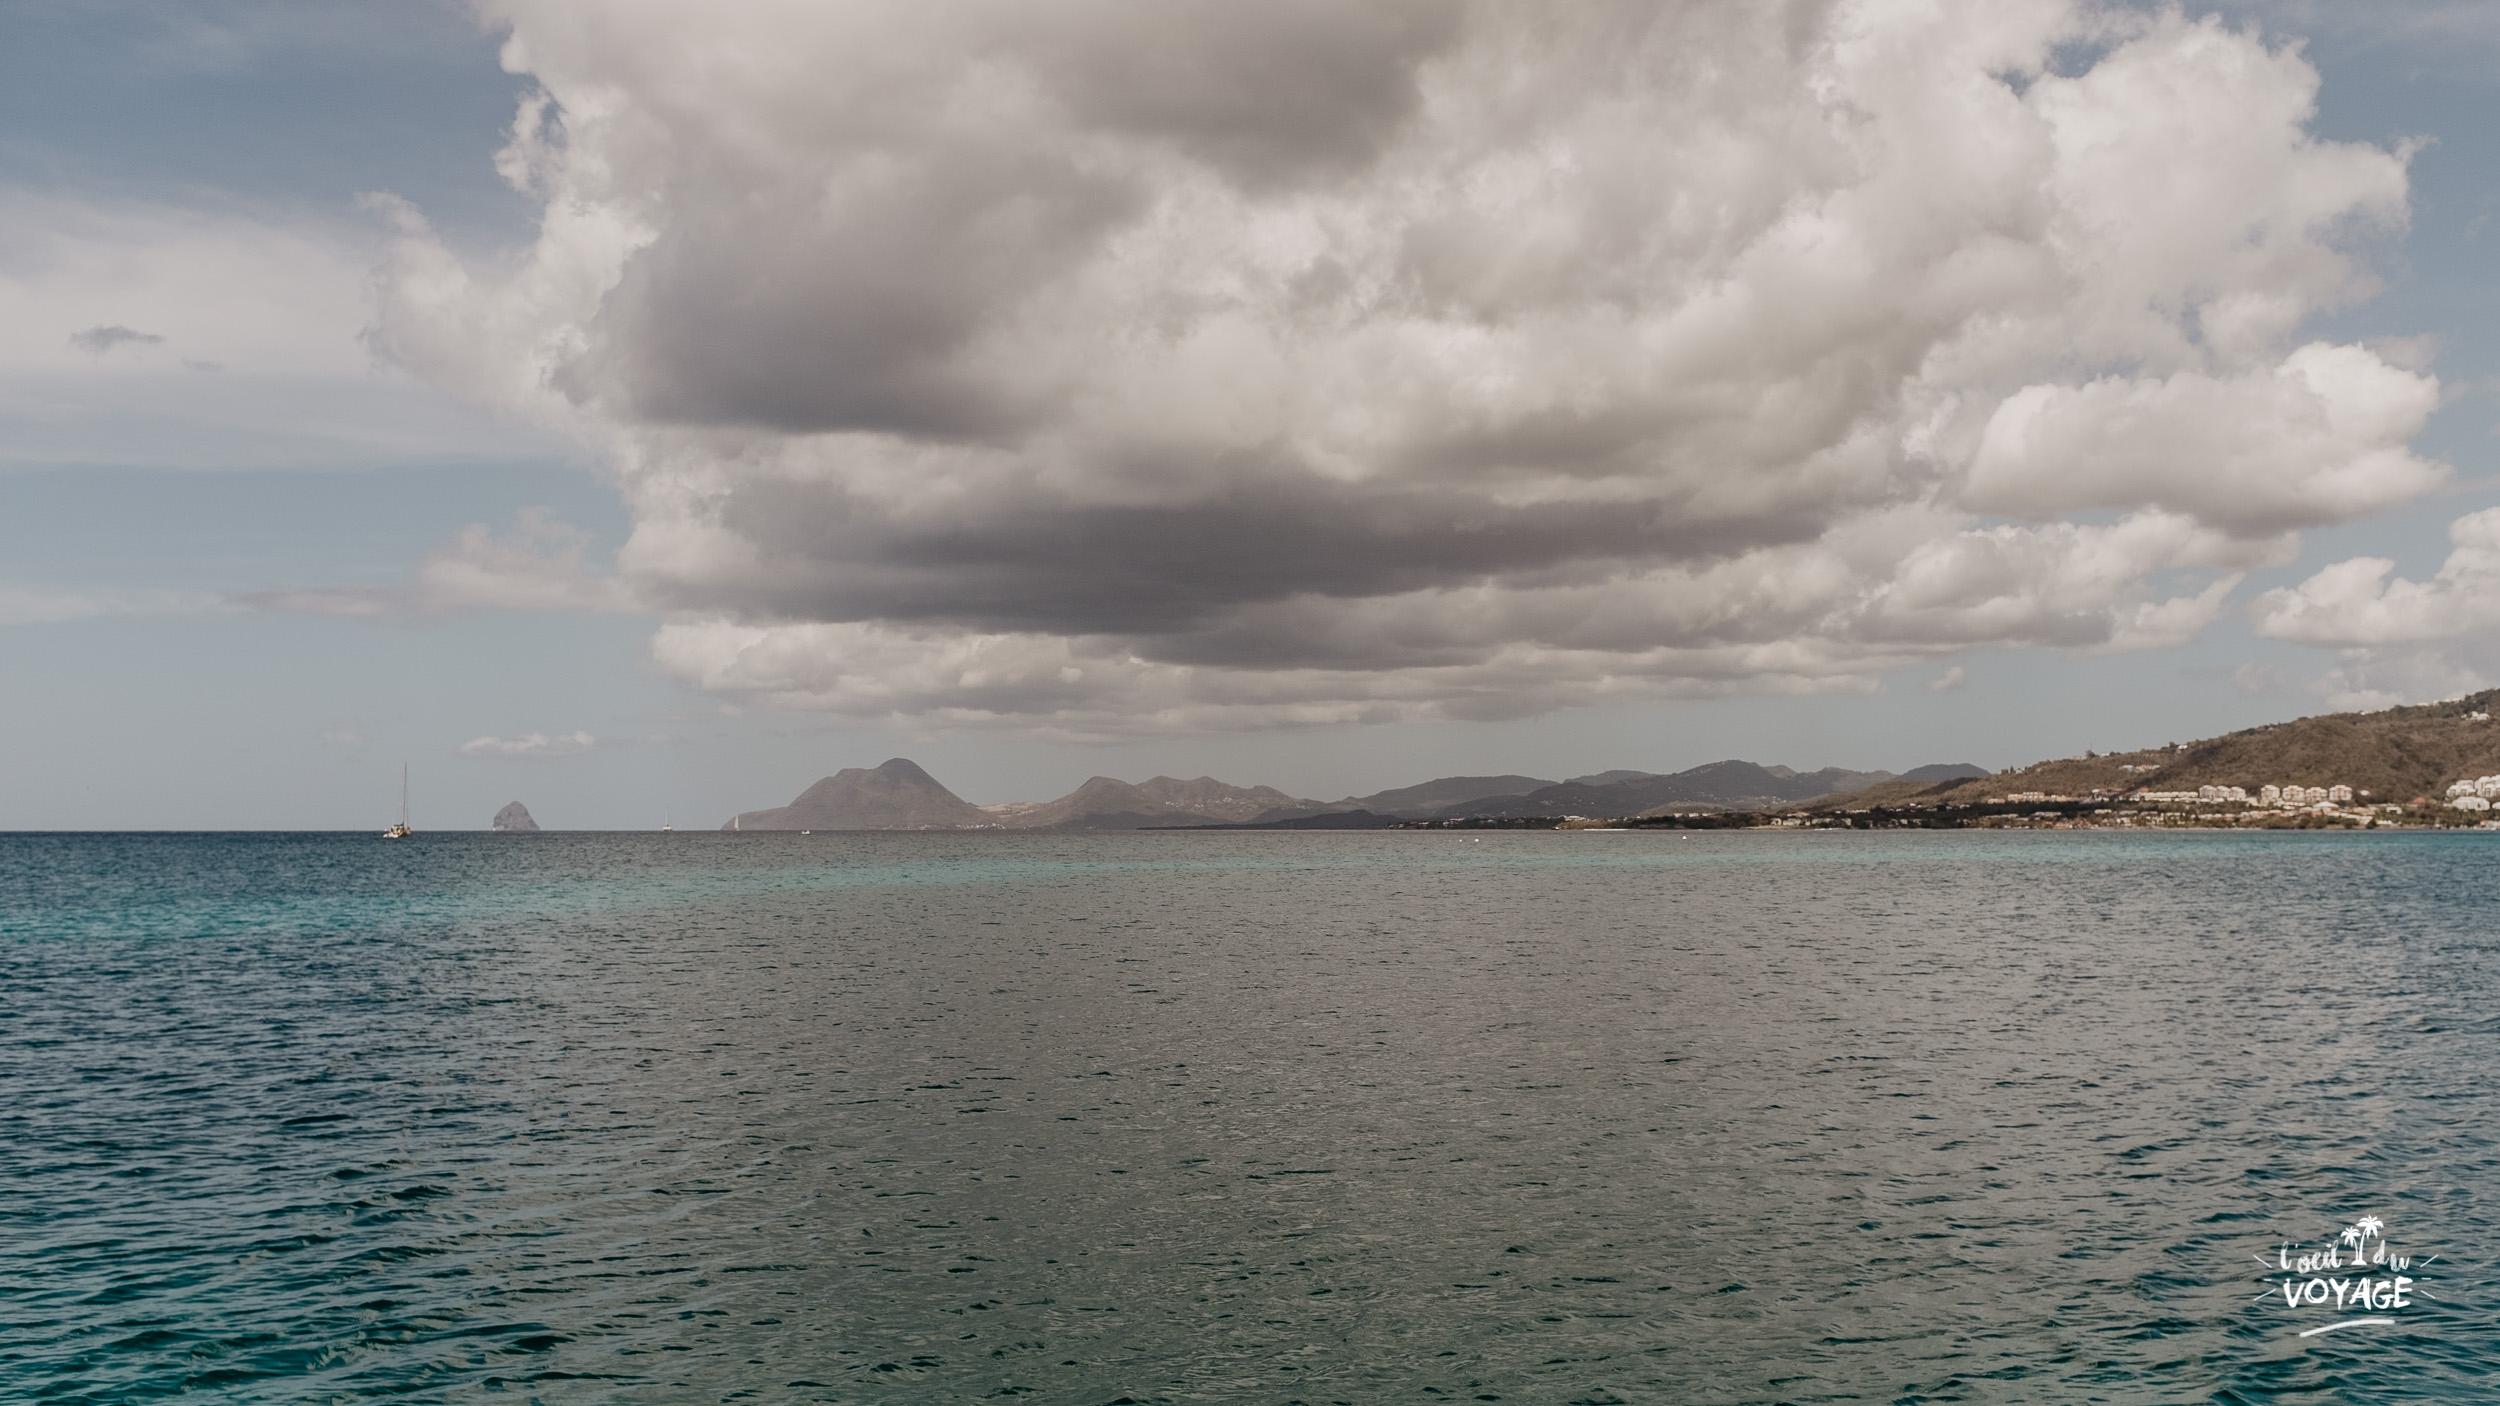 vue depuis la réserve de la pointe borgnèse en martinique, a famous french travel blog